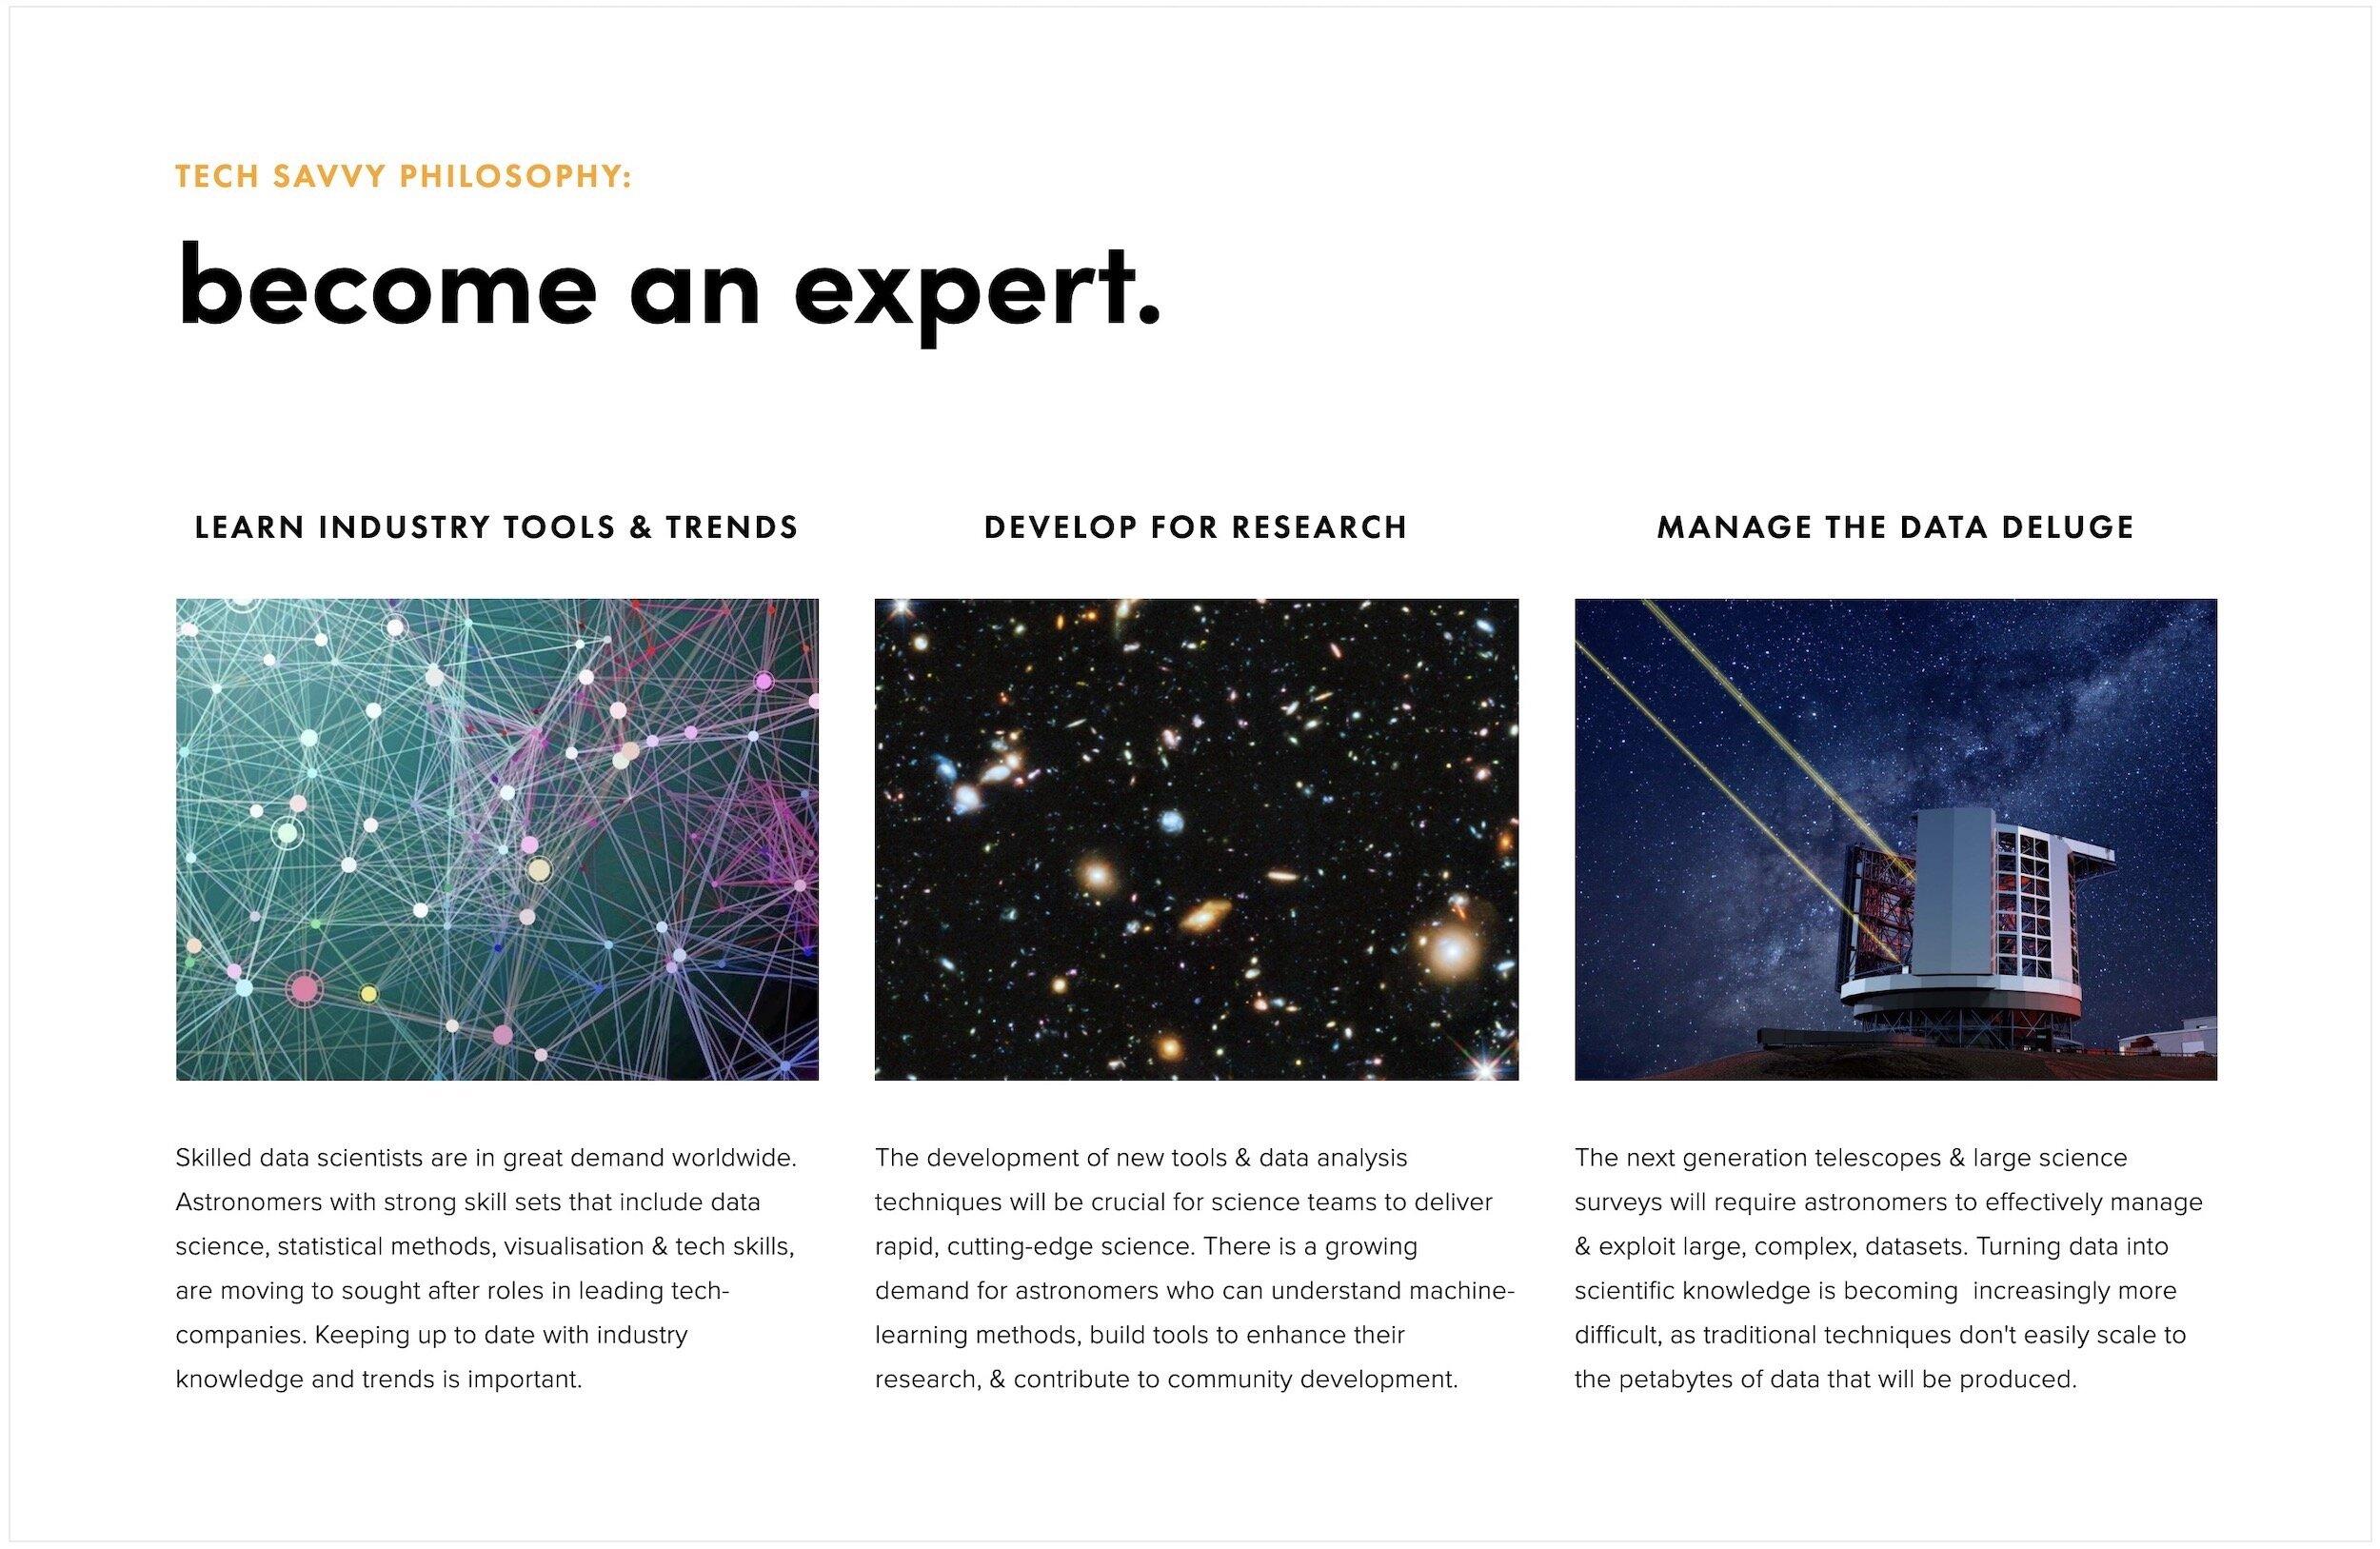 become an expert.jpg